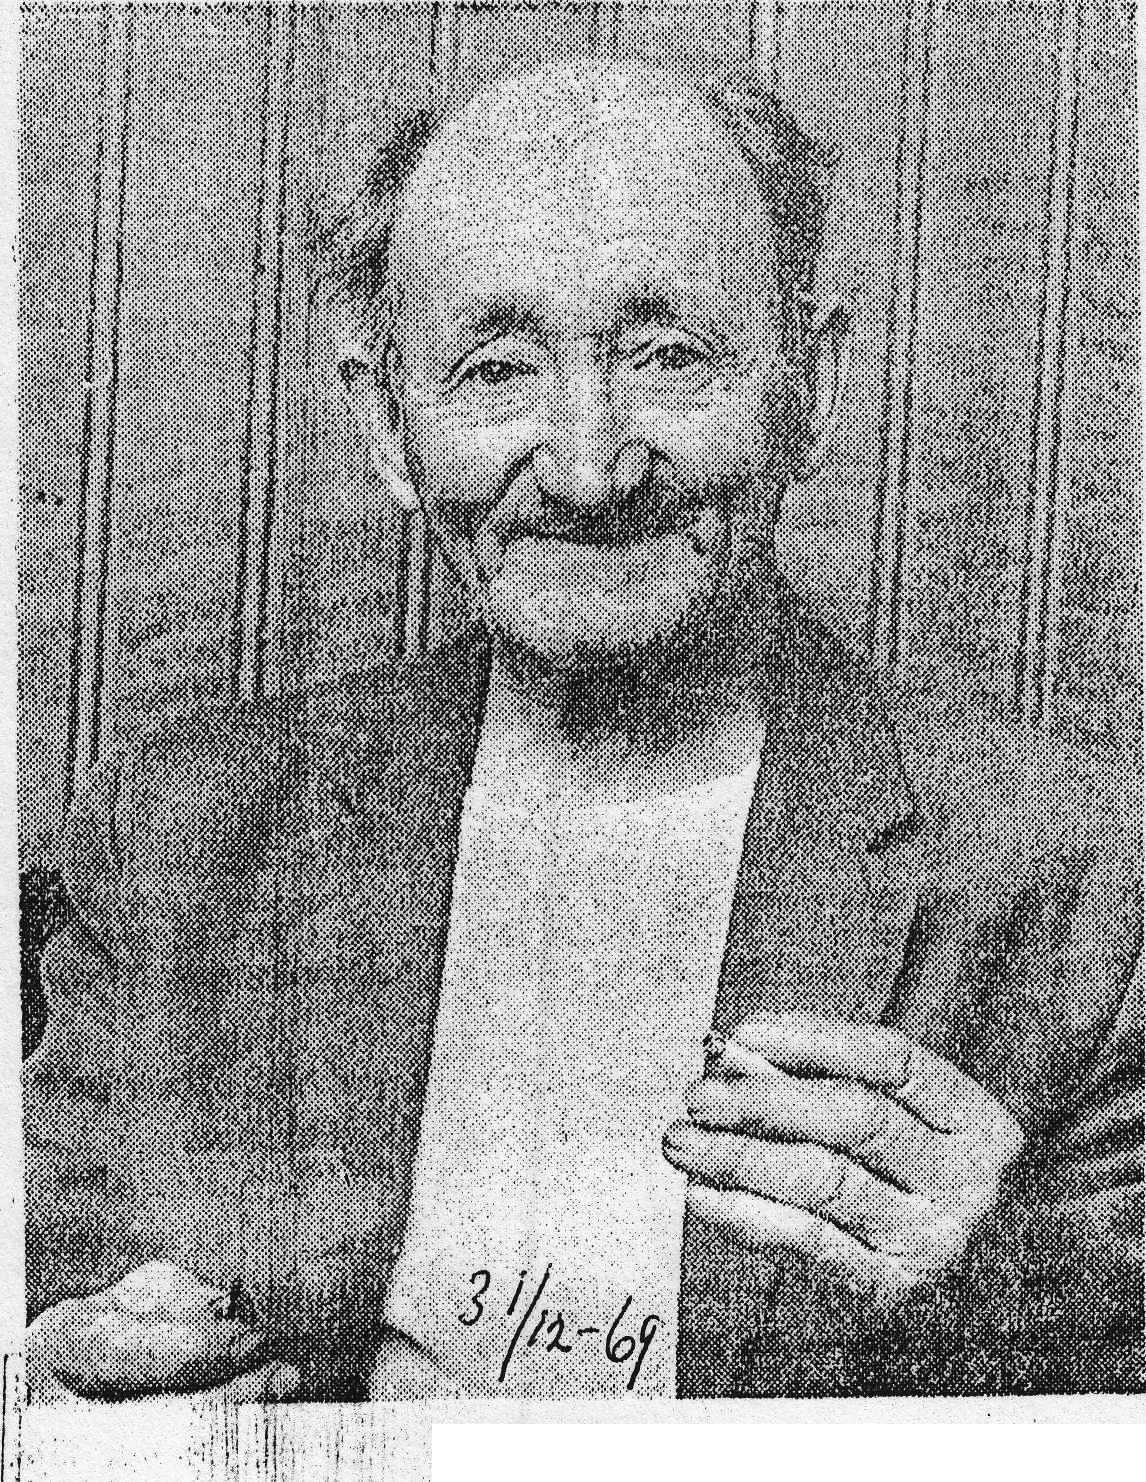 Karl Ivar Karlsson